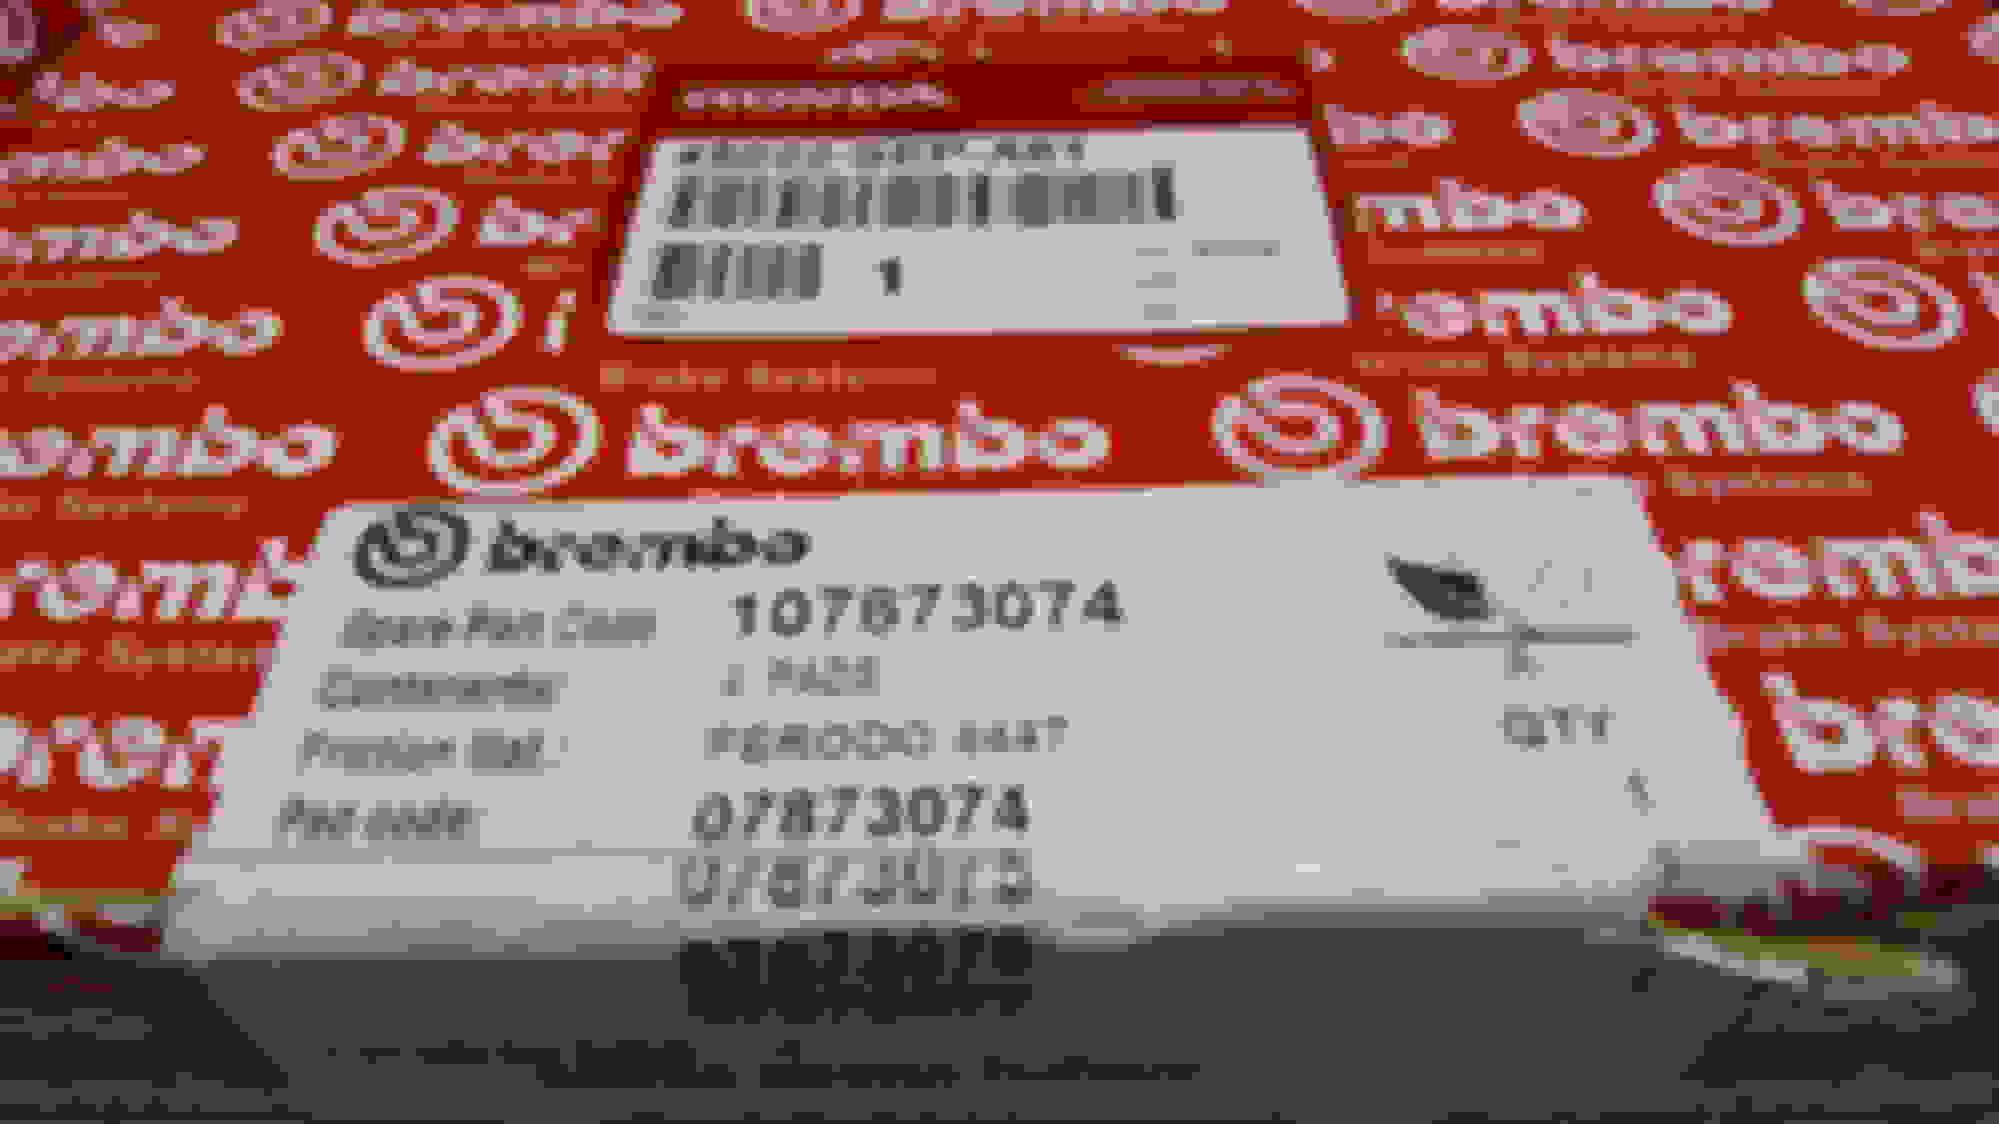 OEM Honda Brembo Pads vs Brembo P28059N Pads - AcuraZine